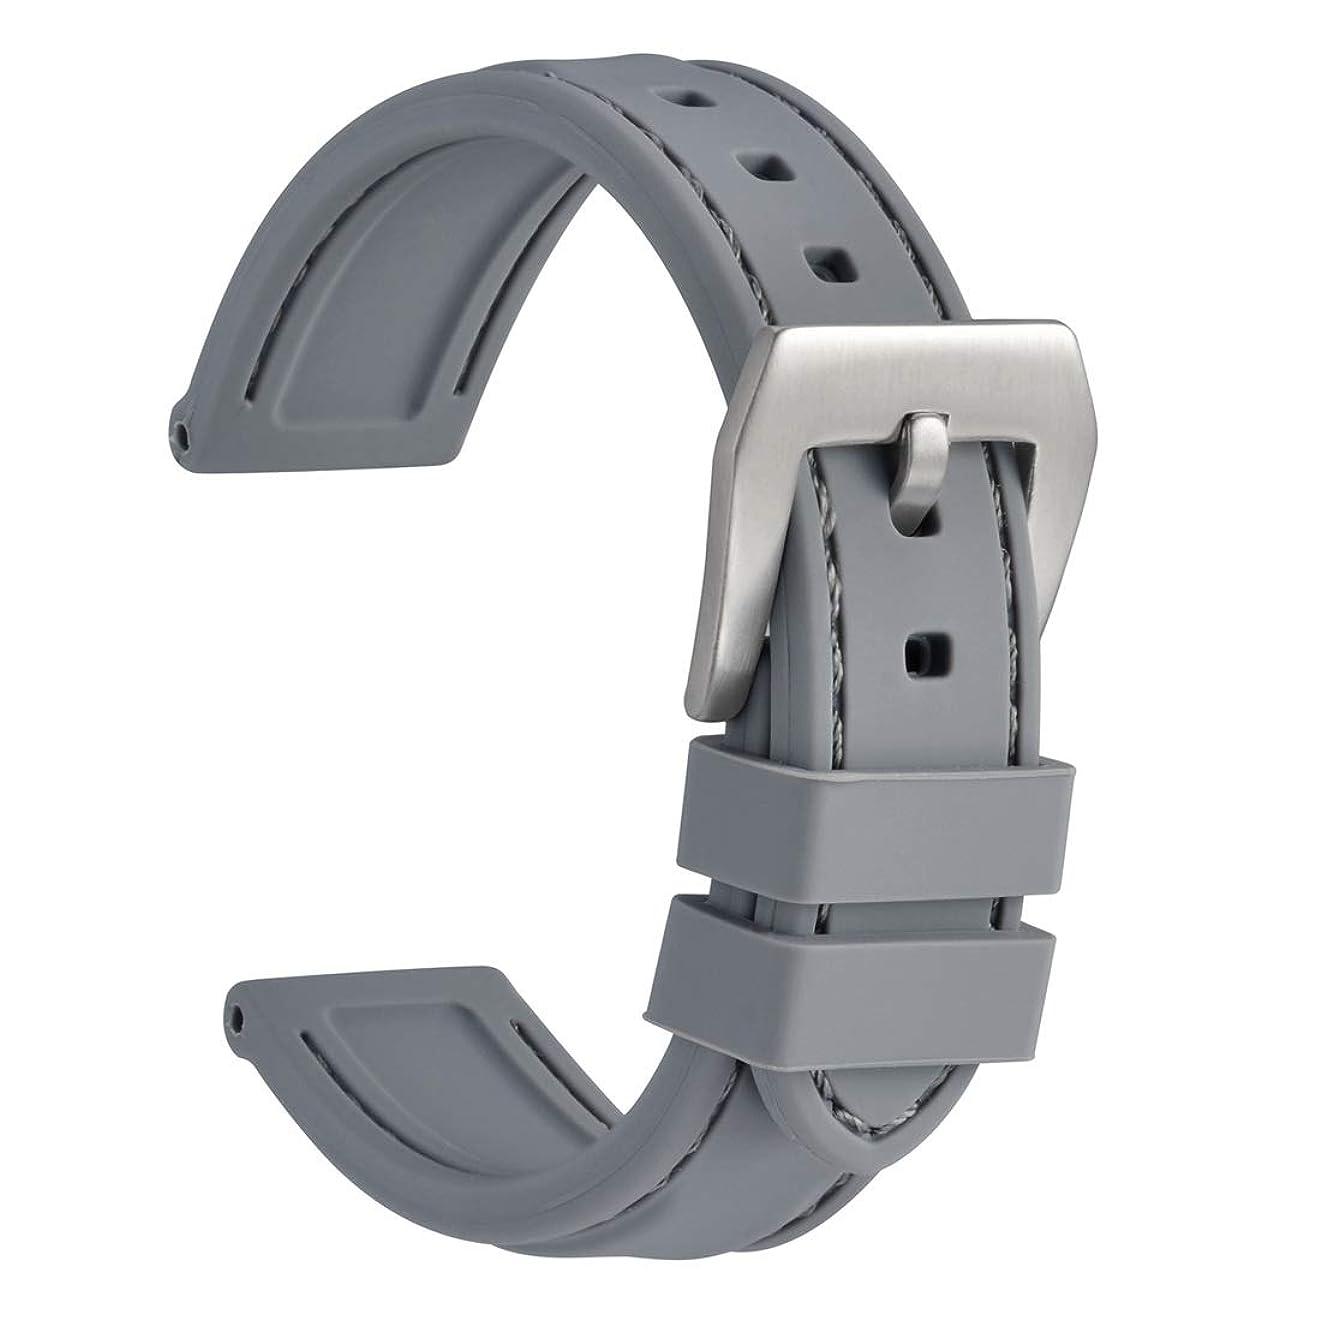 十分ではないクリーム高尚なTianka 腕時計 ステンレス メッシュ ベルト 時計バンド 交換ベルト 時計 メタルバンド 20mm 22mm 24mm メンズ レディース 時計ストラップ